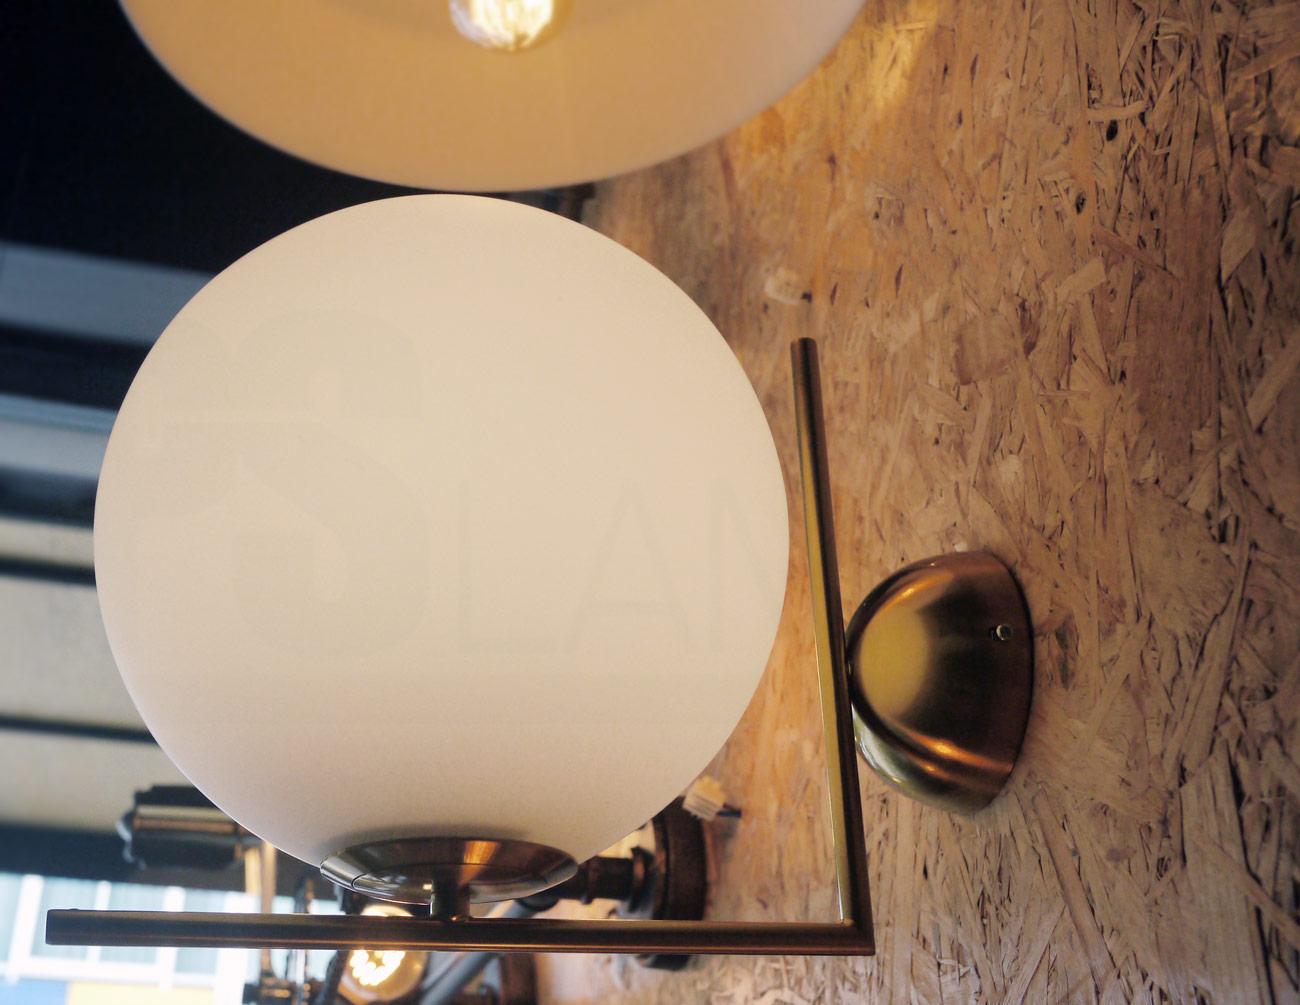 โคมไฟผนัง-โคมไฟกิ่ง-โคมไฟวินเทจ-โคมไฟโมเดิร์น-MOXMOON-W